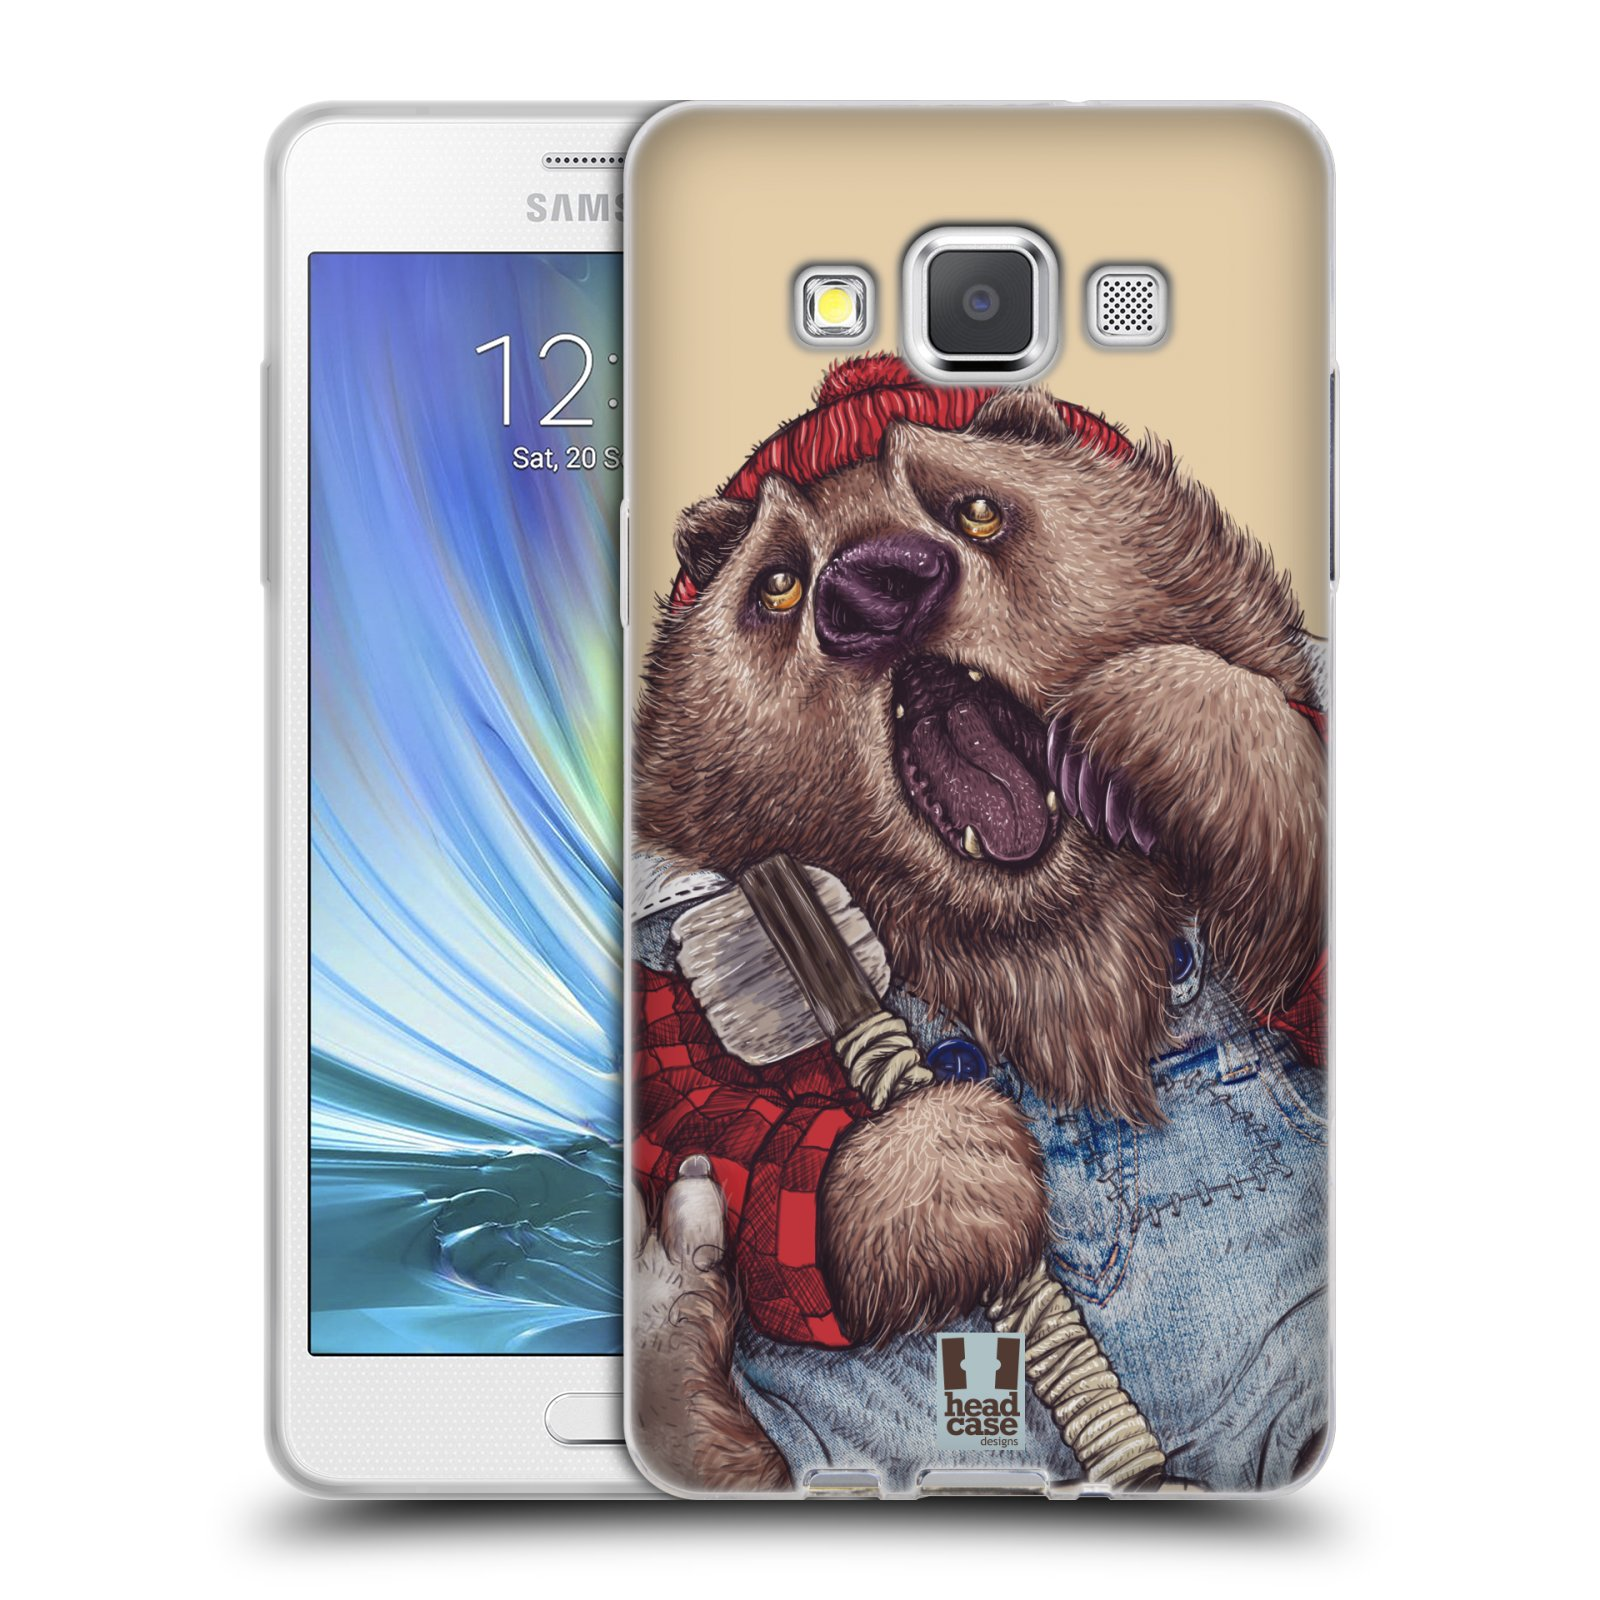 HEAD CASE silikonový obal na mobil Samsung Galaxy A5 vzor Kreslená zvířátka medvěd